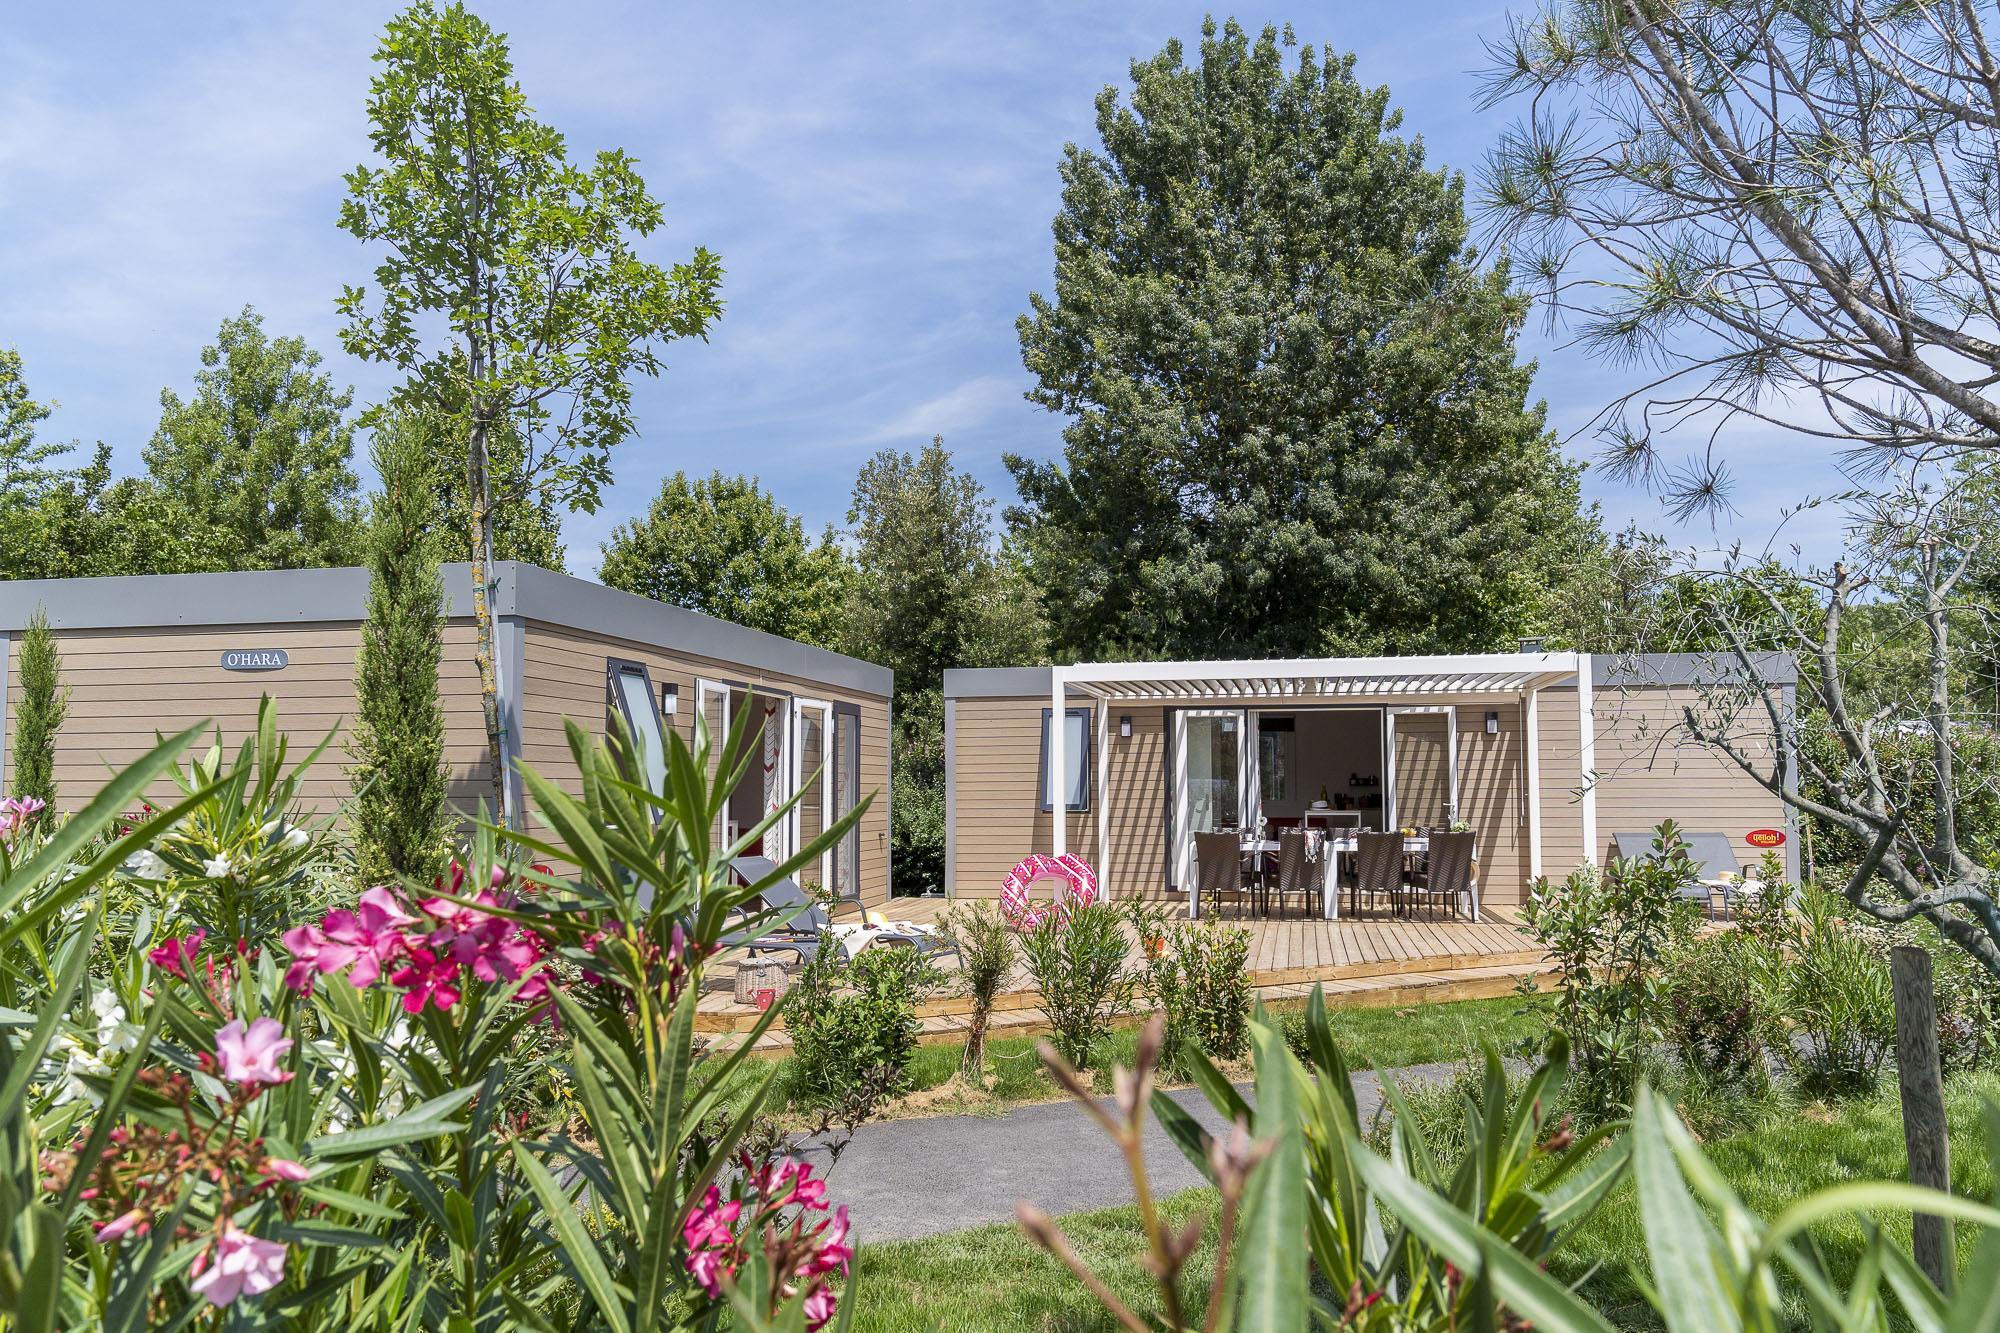 Location - Cottage Tribu **** 5 Chambres / 2 Salles De Bain - Terrasse - Climatisé - Yelloh! Village Soleil Vivarais